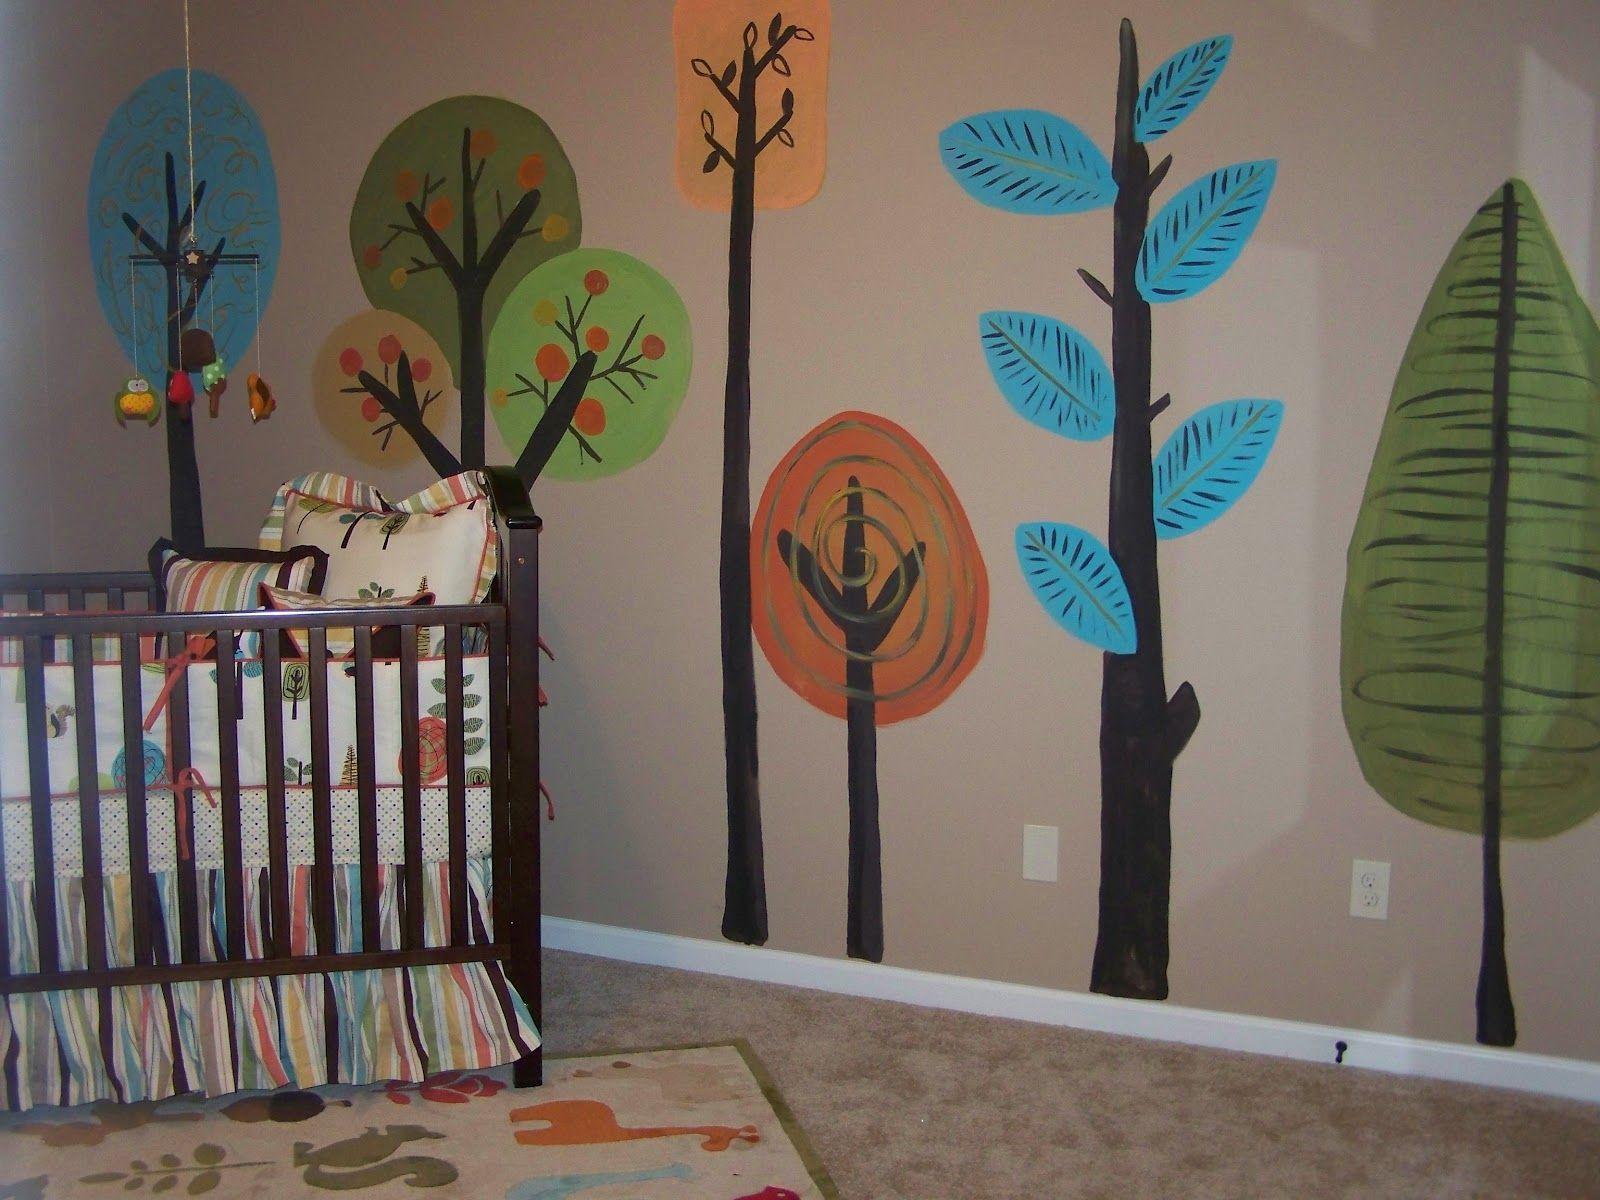 Gender Neutral Woodsy Nursery Woodsy Nursery Gender Neutral And - Nursery wall decals gender neutral